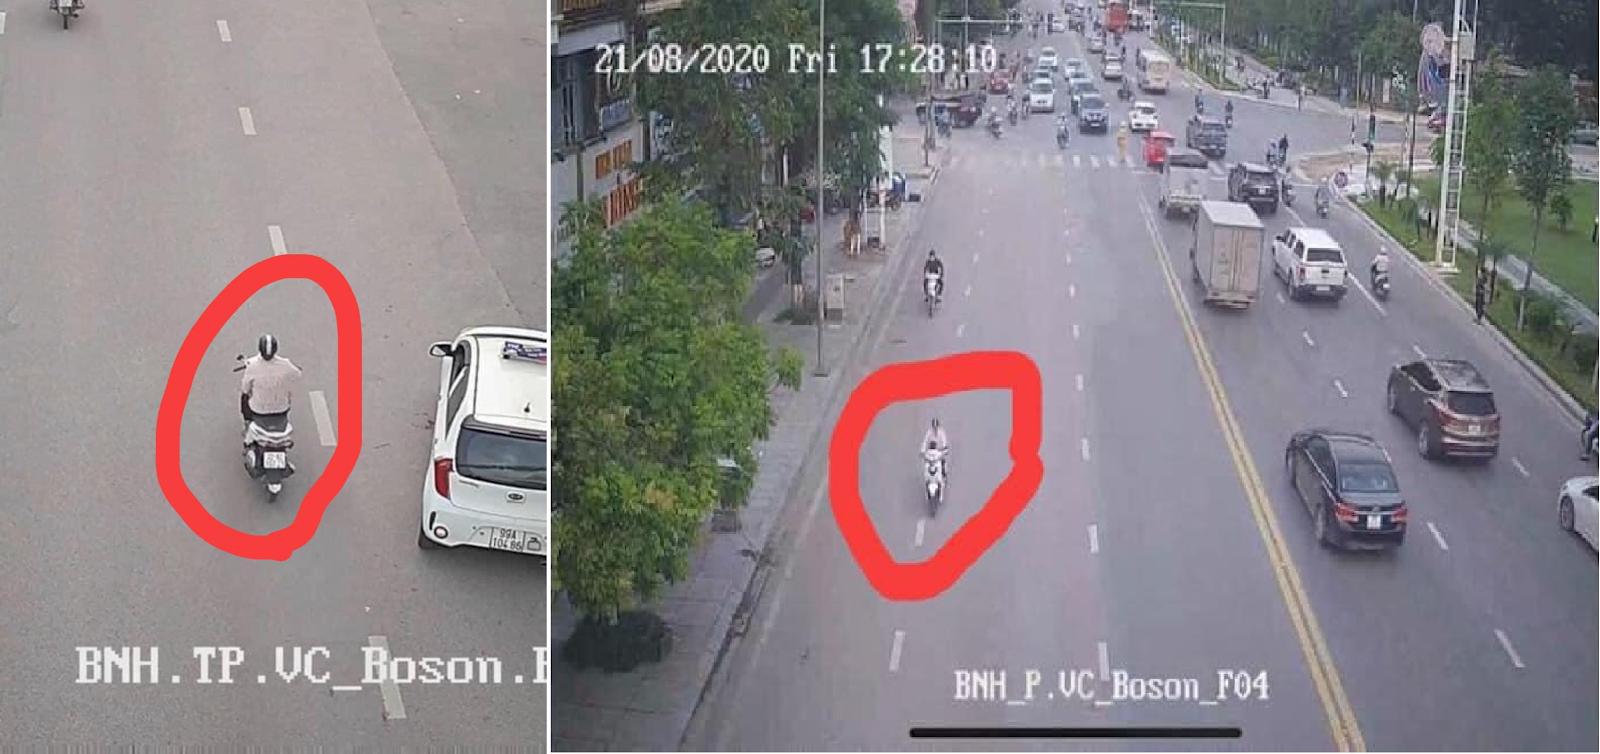 Tìm được em bé mất tích ở Bắc Ninh, nghi phạm là một người phụ nữ - Ảnh 3